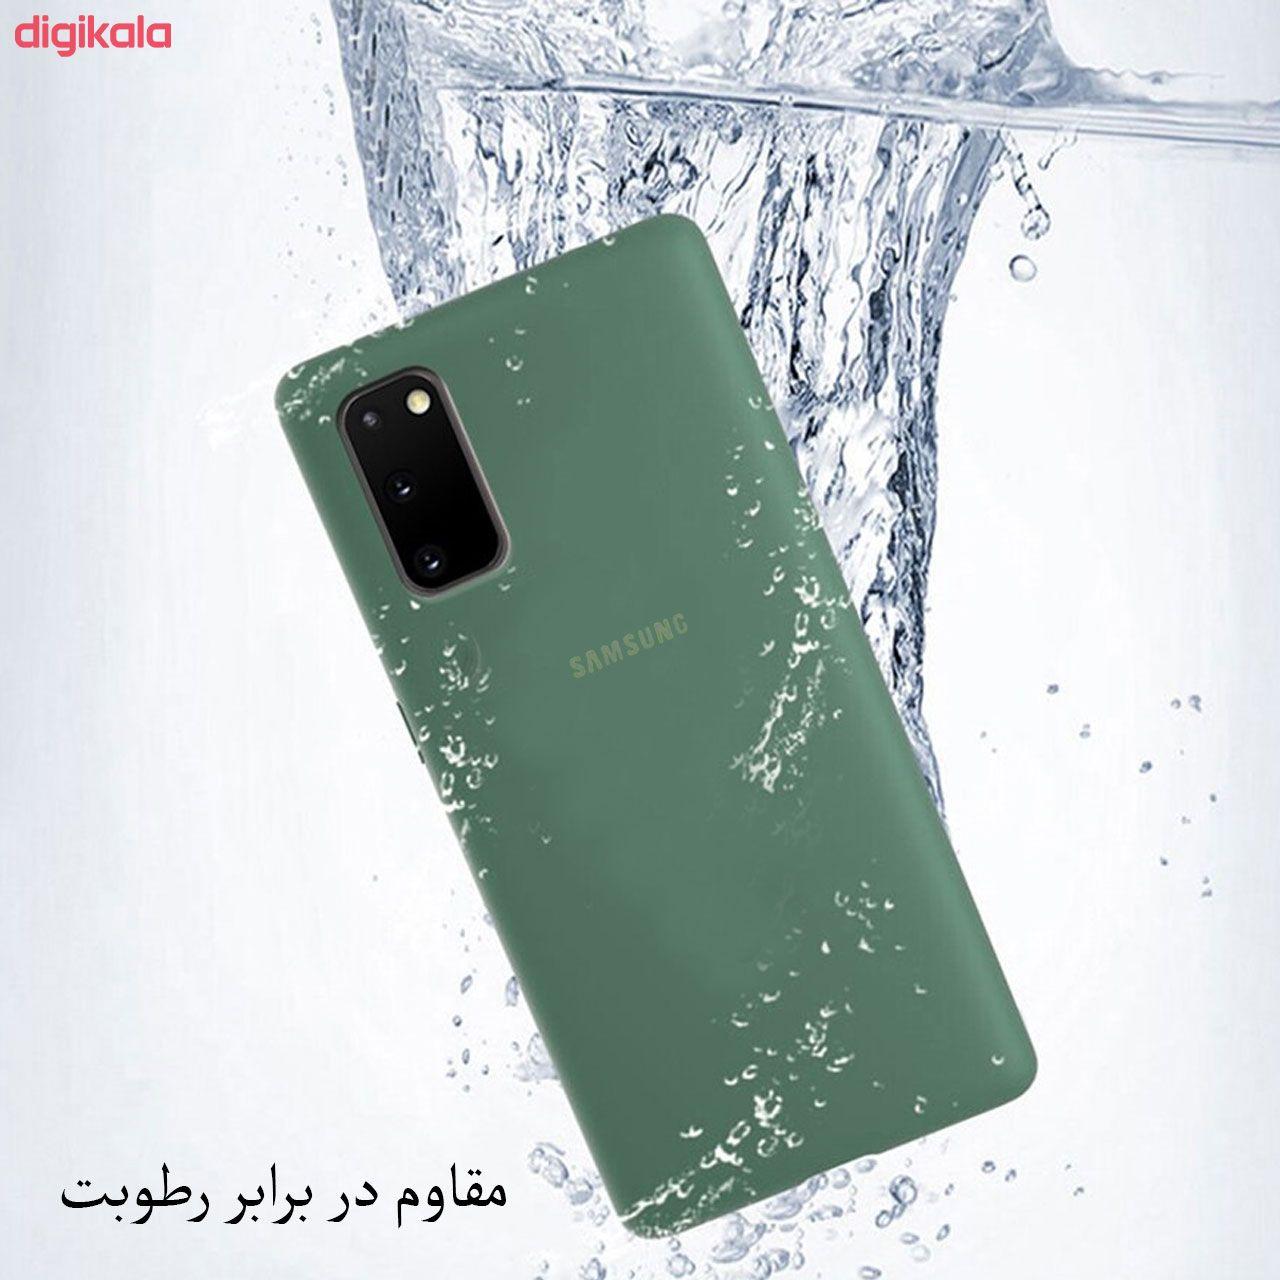 کاور مدل SLCN مناسب برای گوشی موبایل سامسونگ Galaxy A51 main 1 9